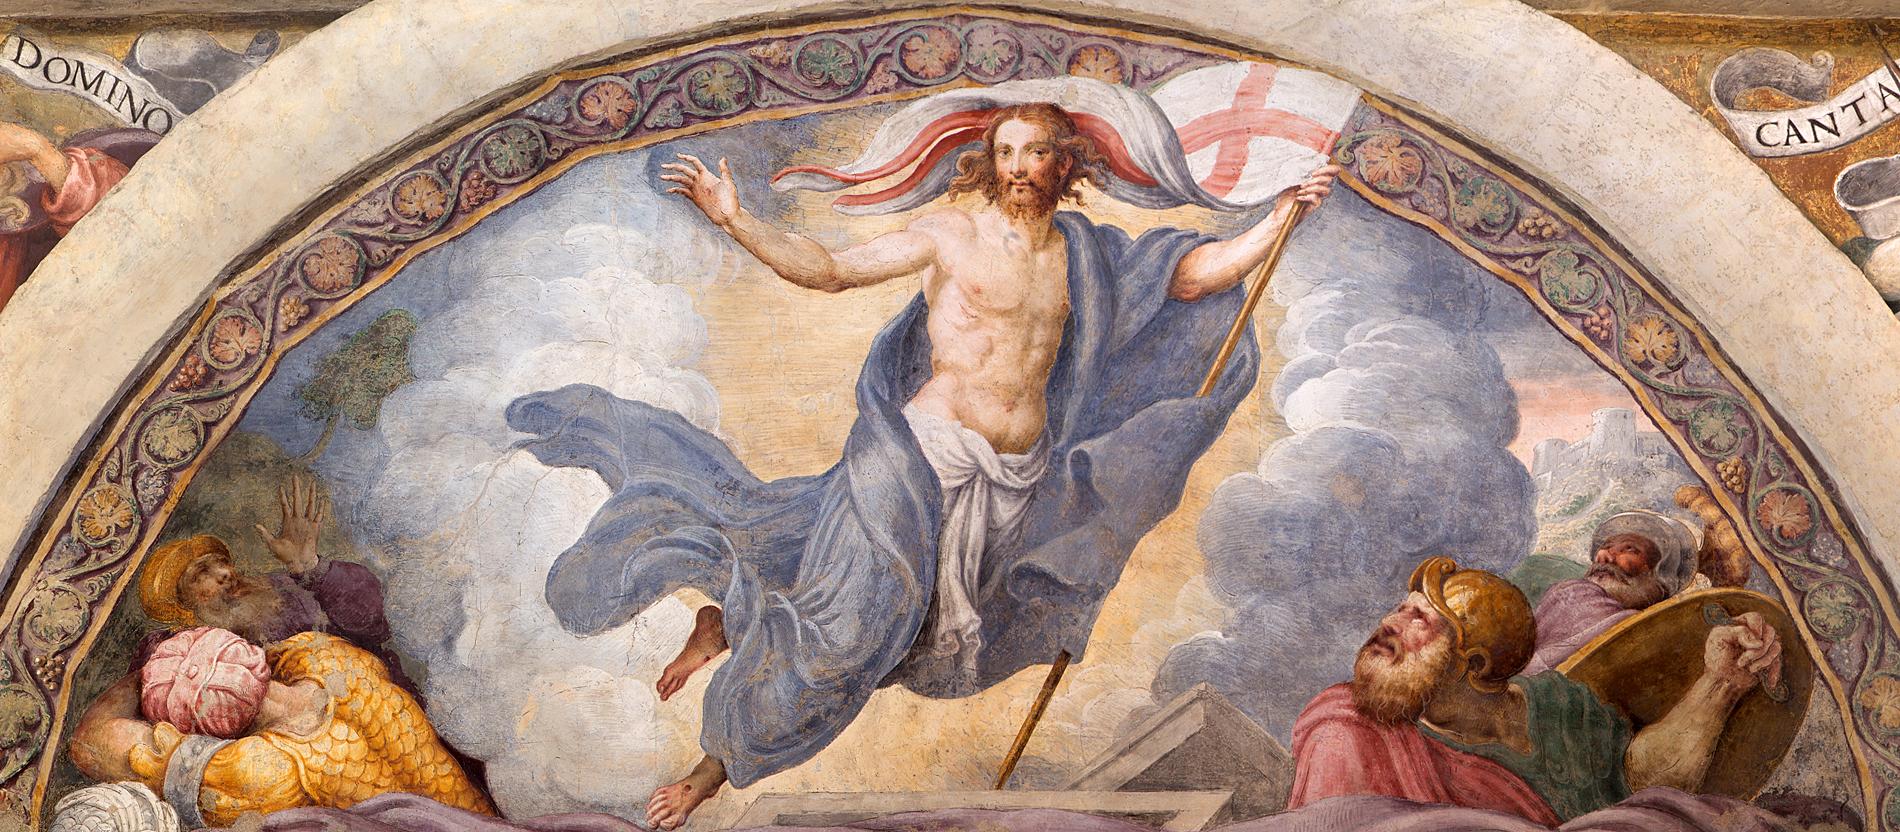 Ostern Auferstehung Bilder